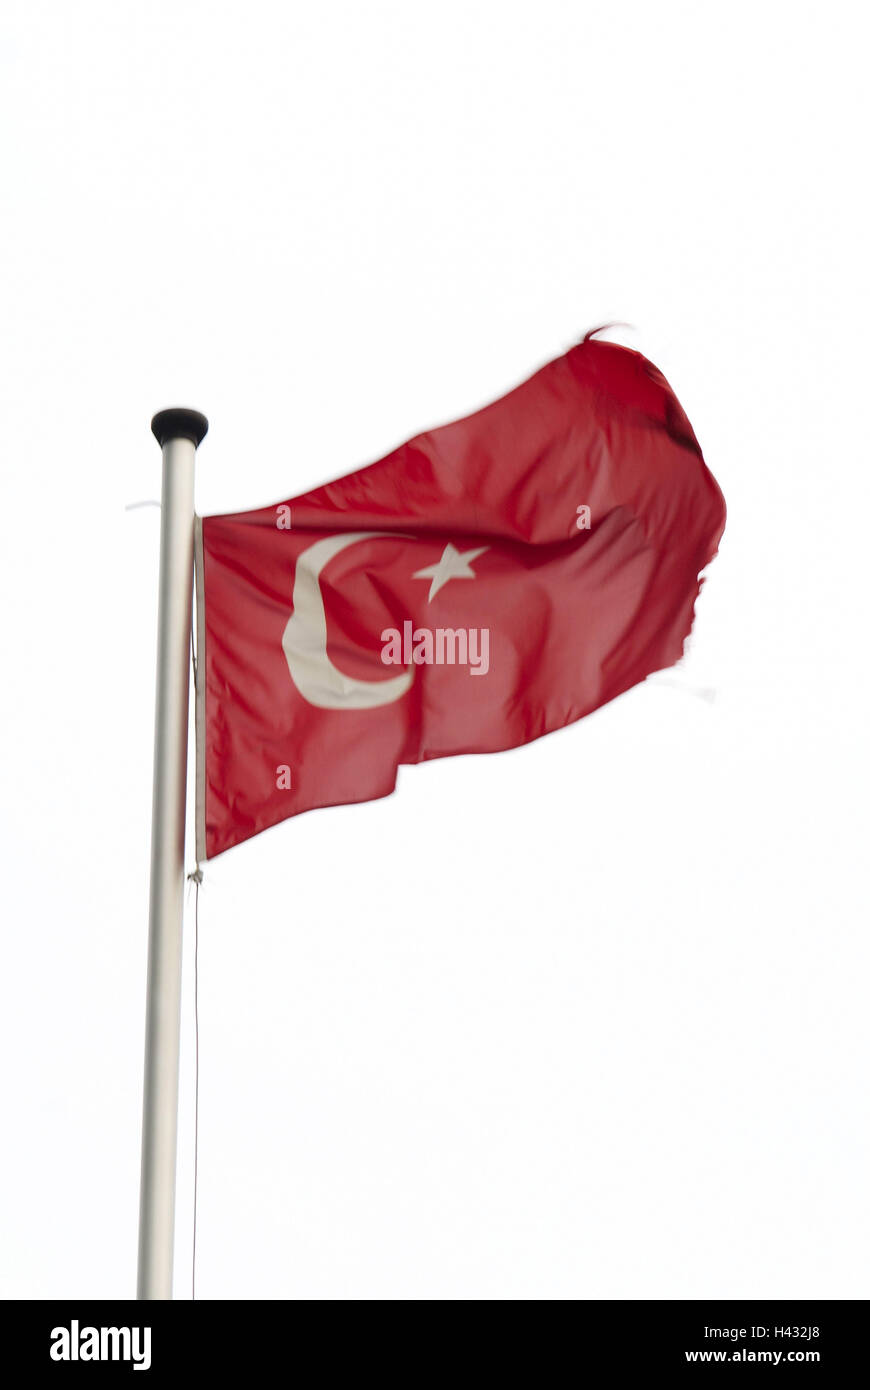 Flagpole, national flag, Turkey, - Stock Image